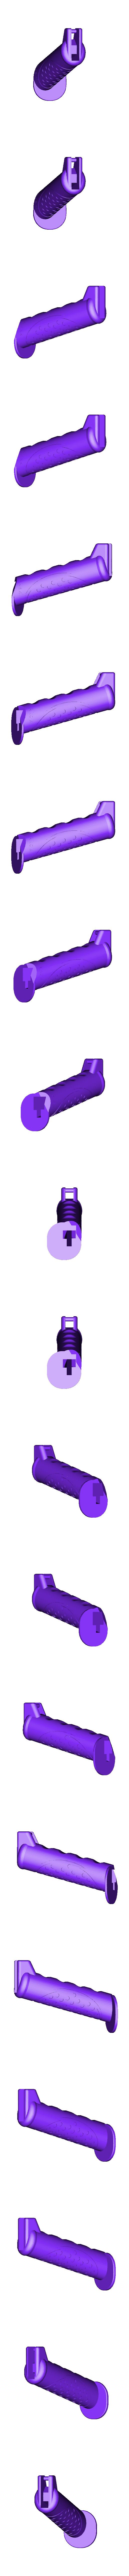 joystick_with_trigger.stl Download free STL file Joystick PS4 • 3D print object, Osichan